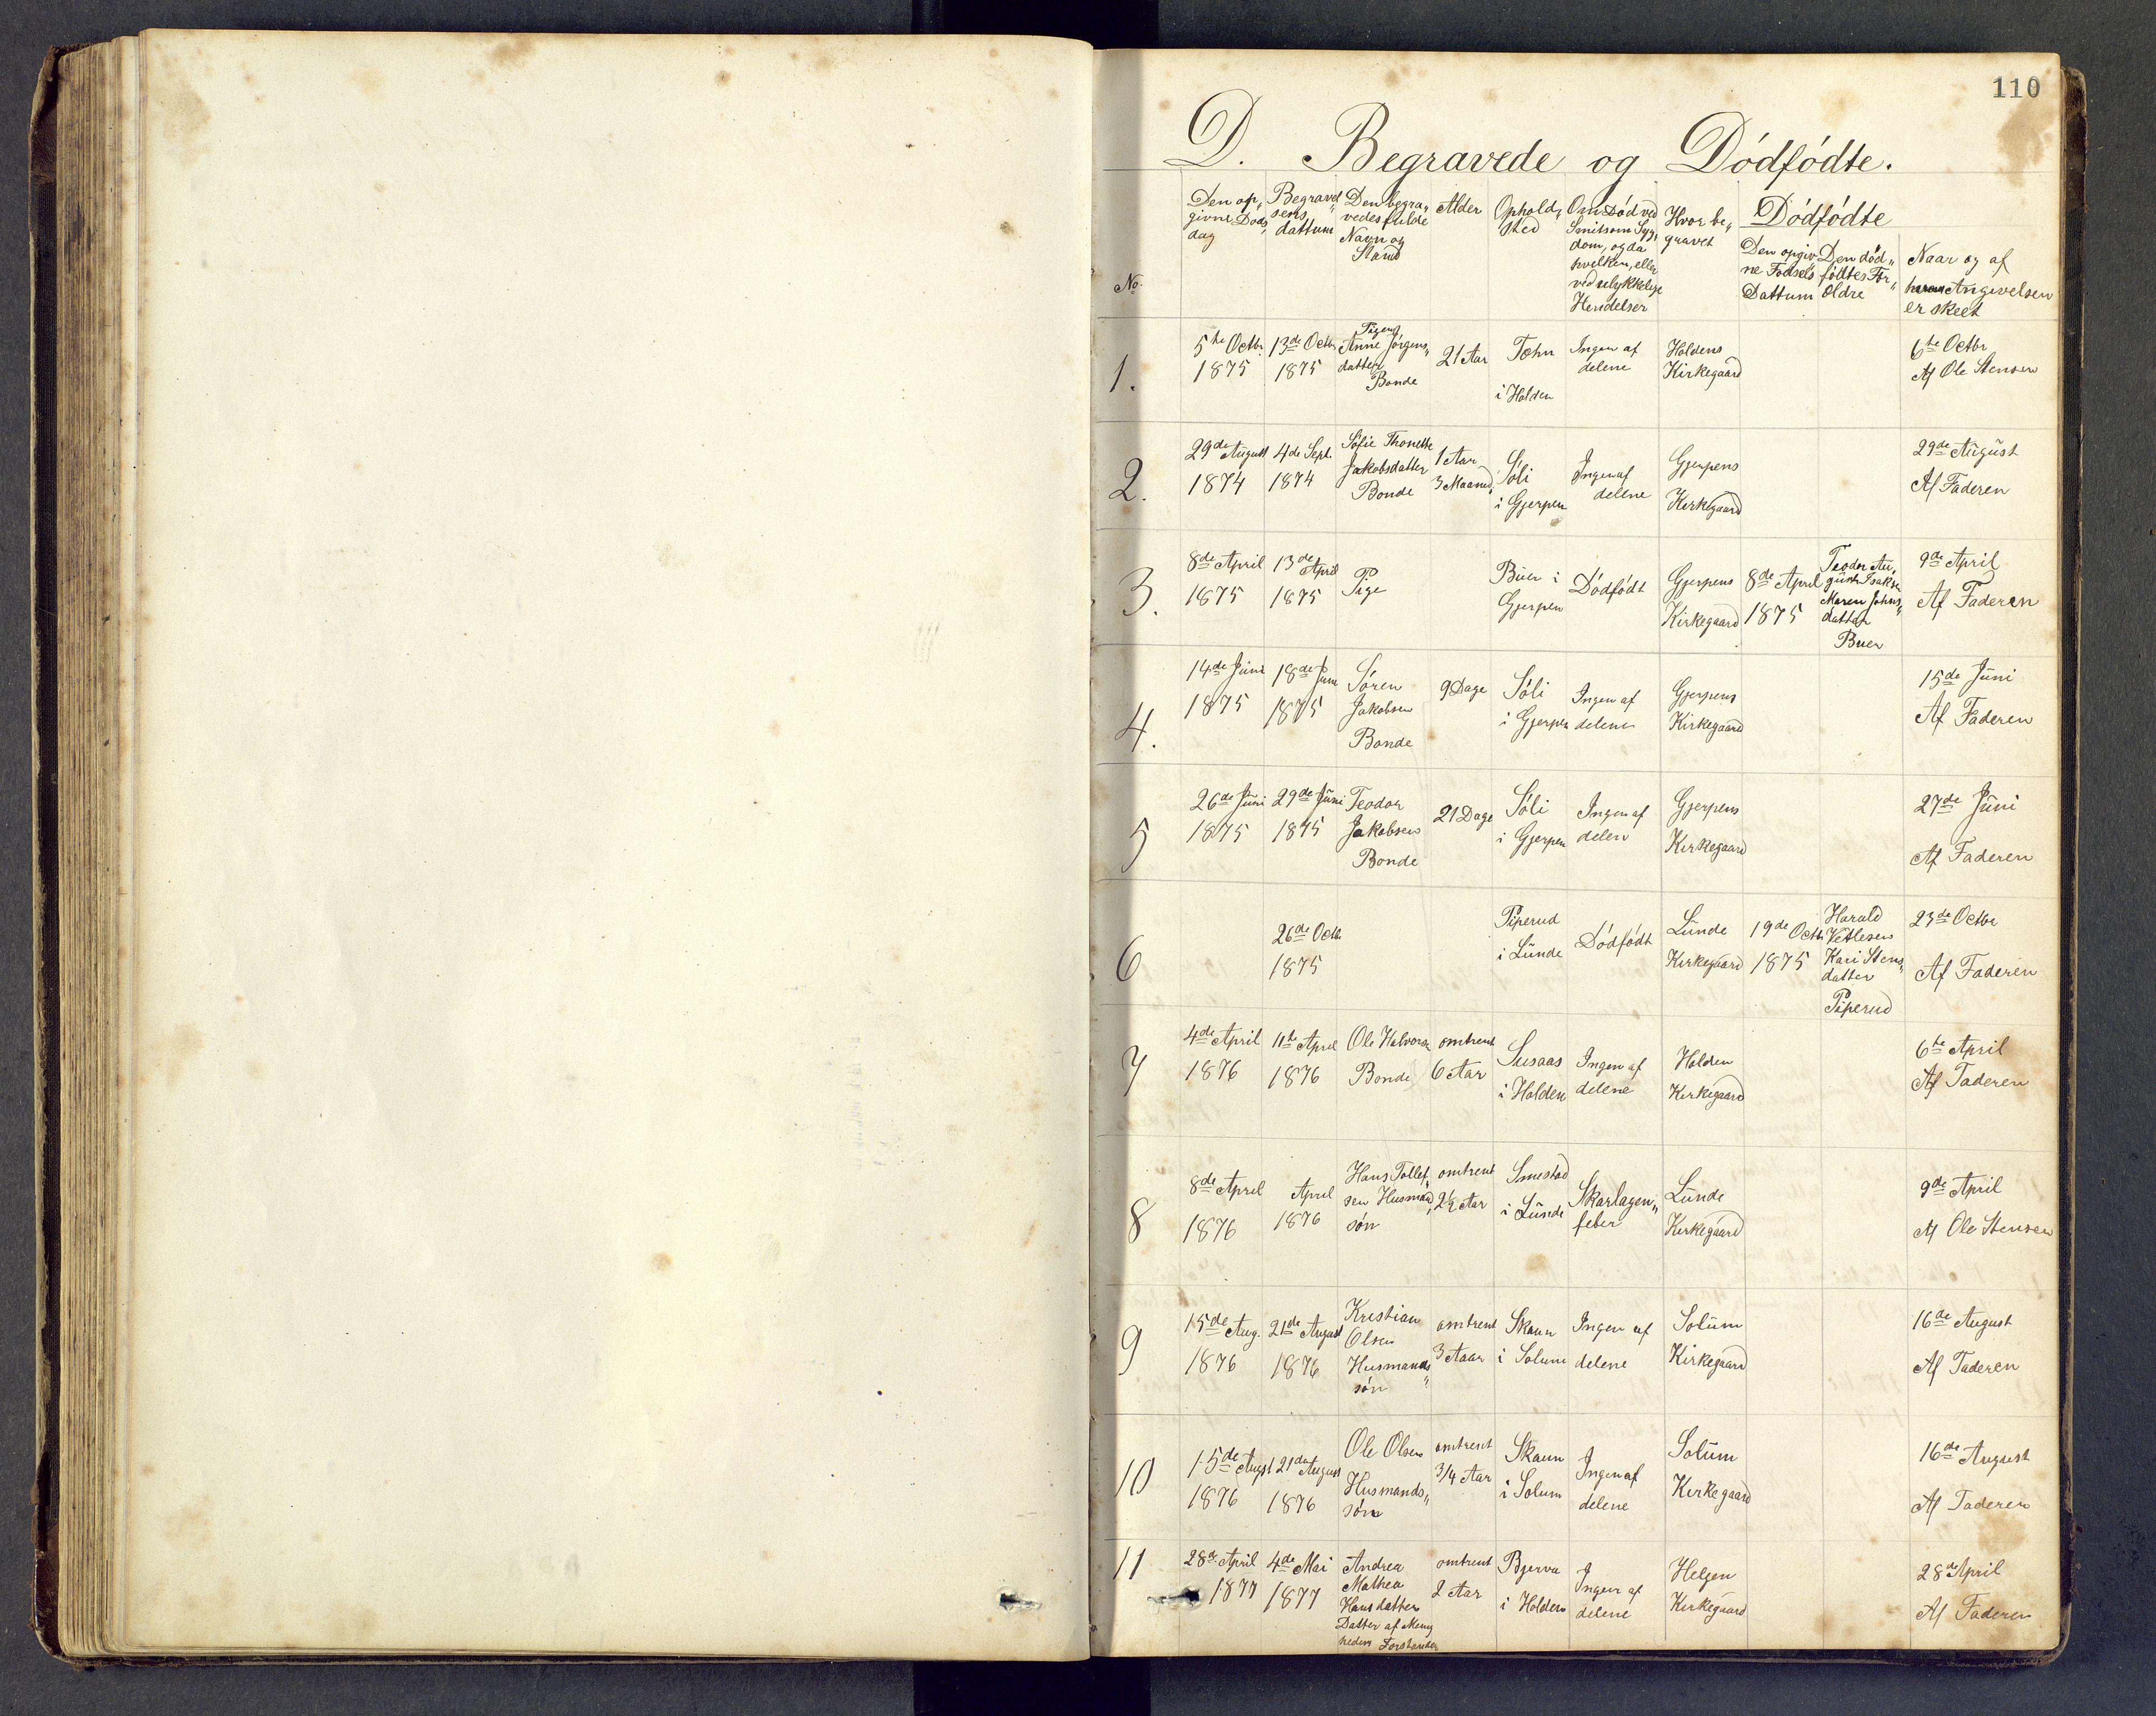 SAKO, Den evangeliske lutherske frimenighet (SAKO), Dissenterprotokoll nr. Fa/L0001, 1872-1906, s. 110